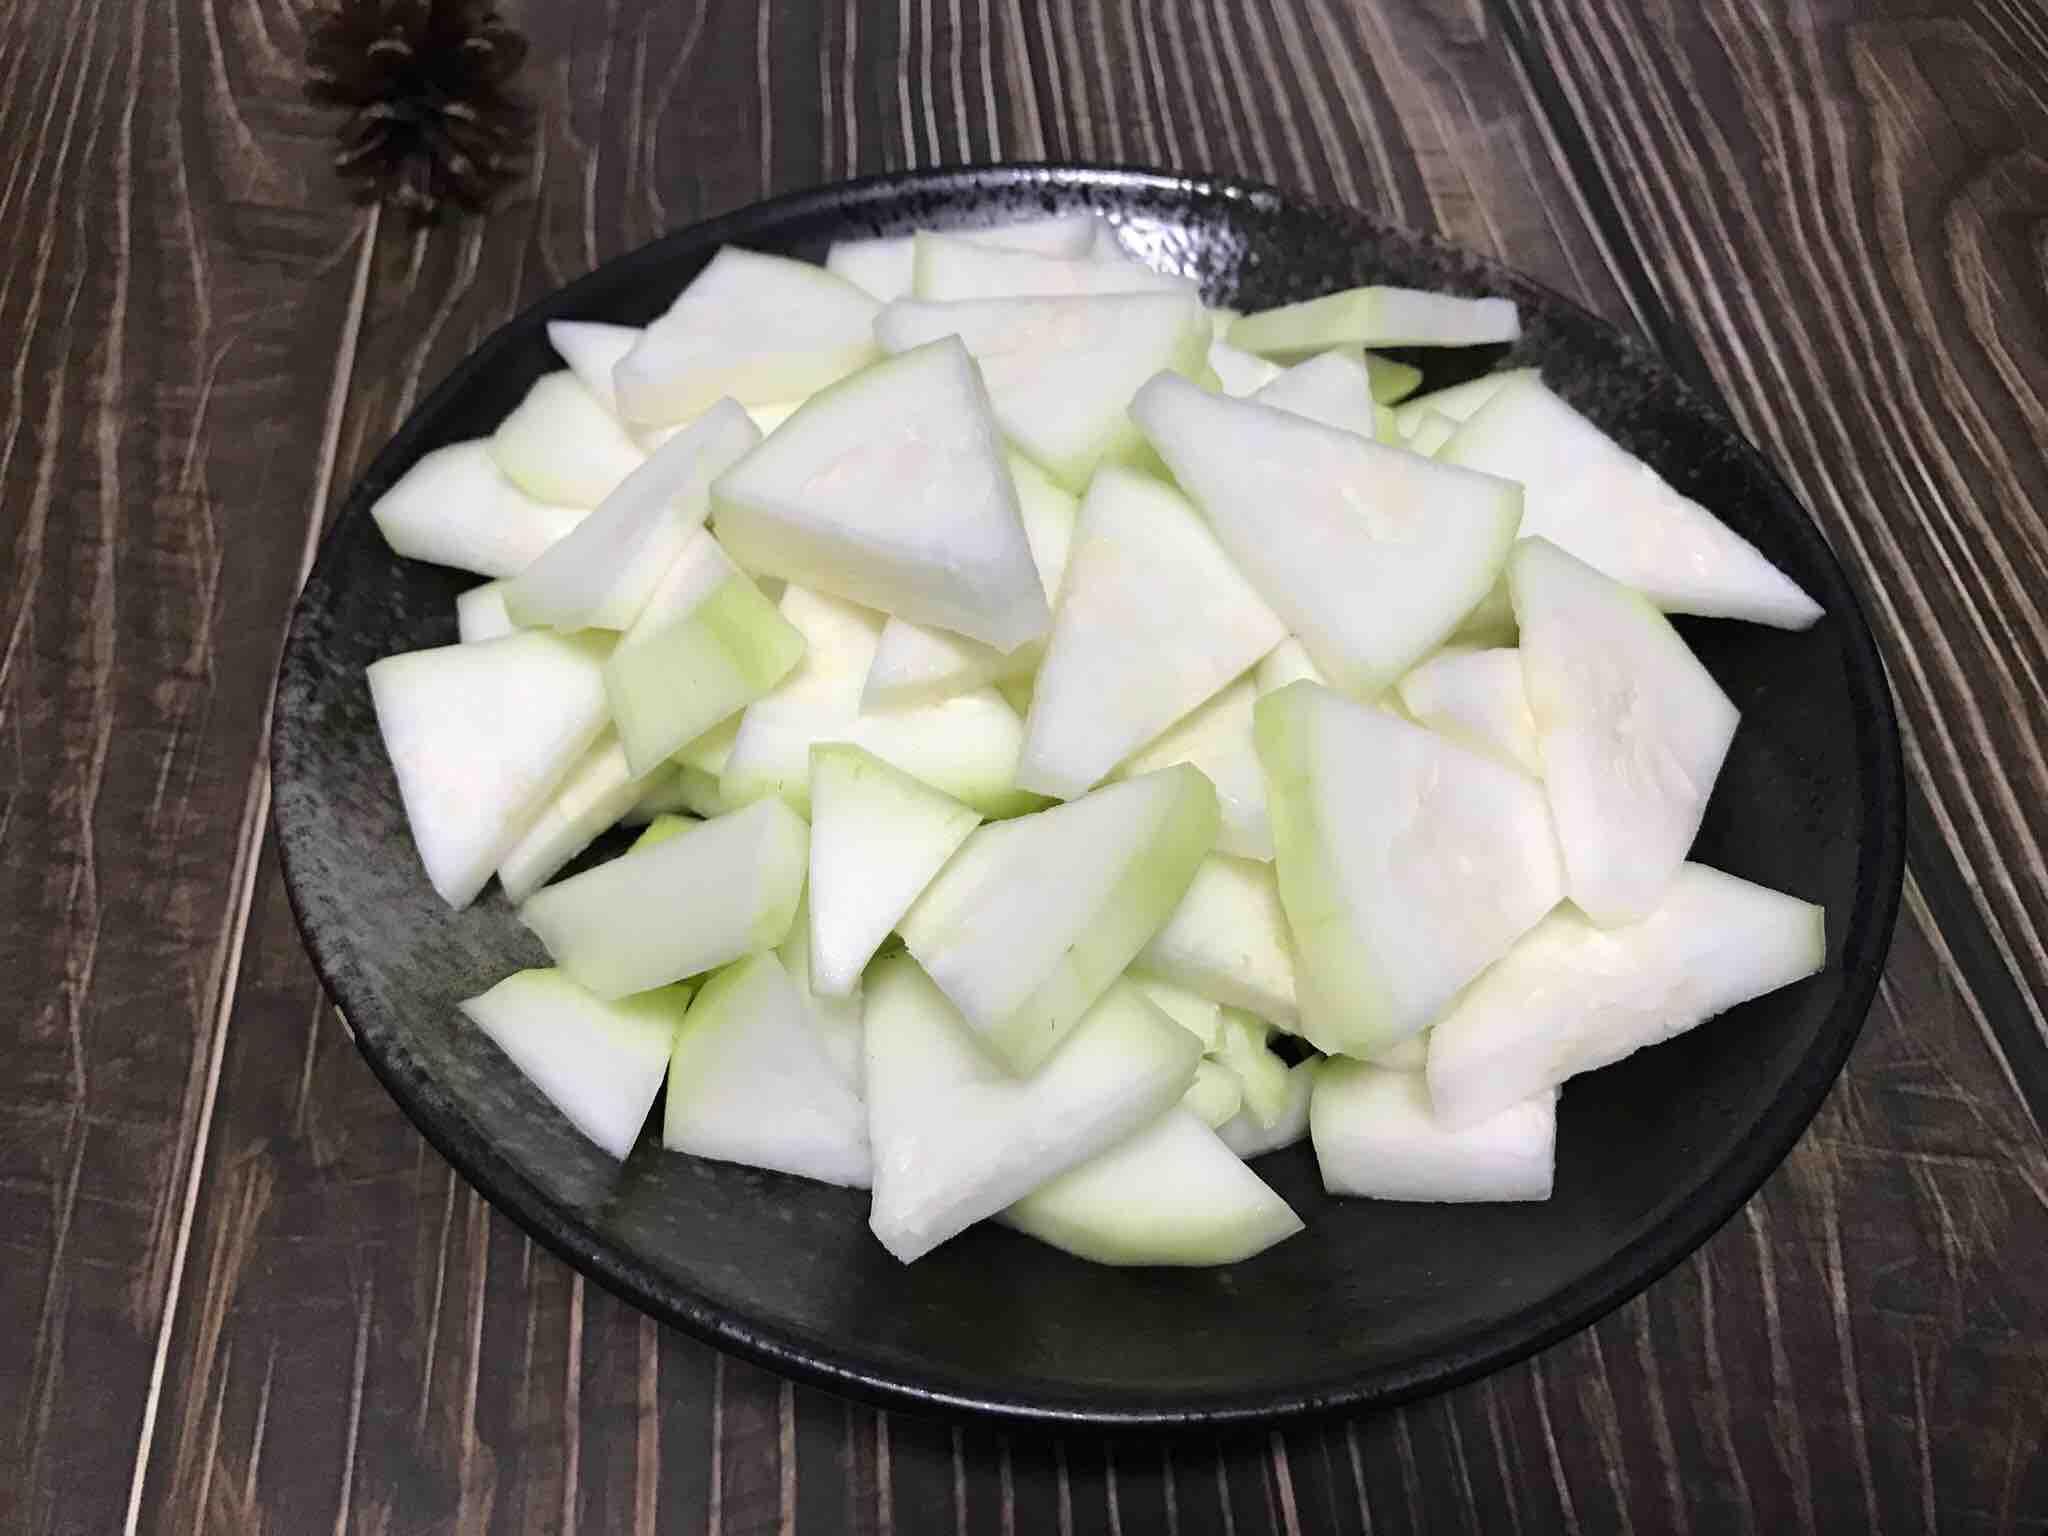 清炒蒲瓜 清热解暑的简单做法